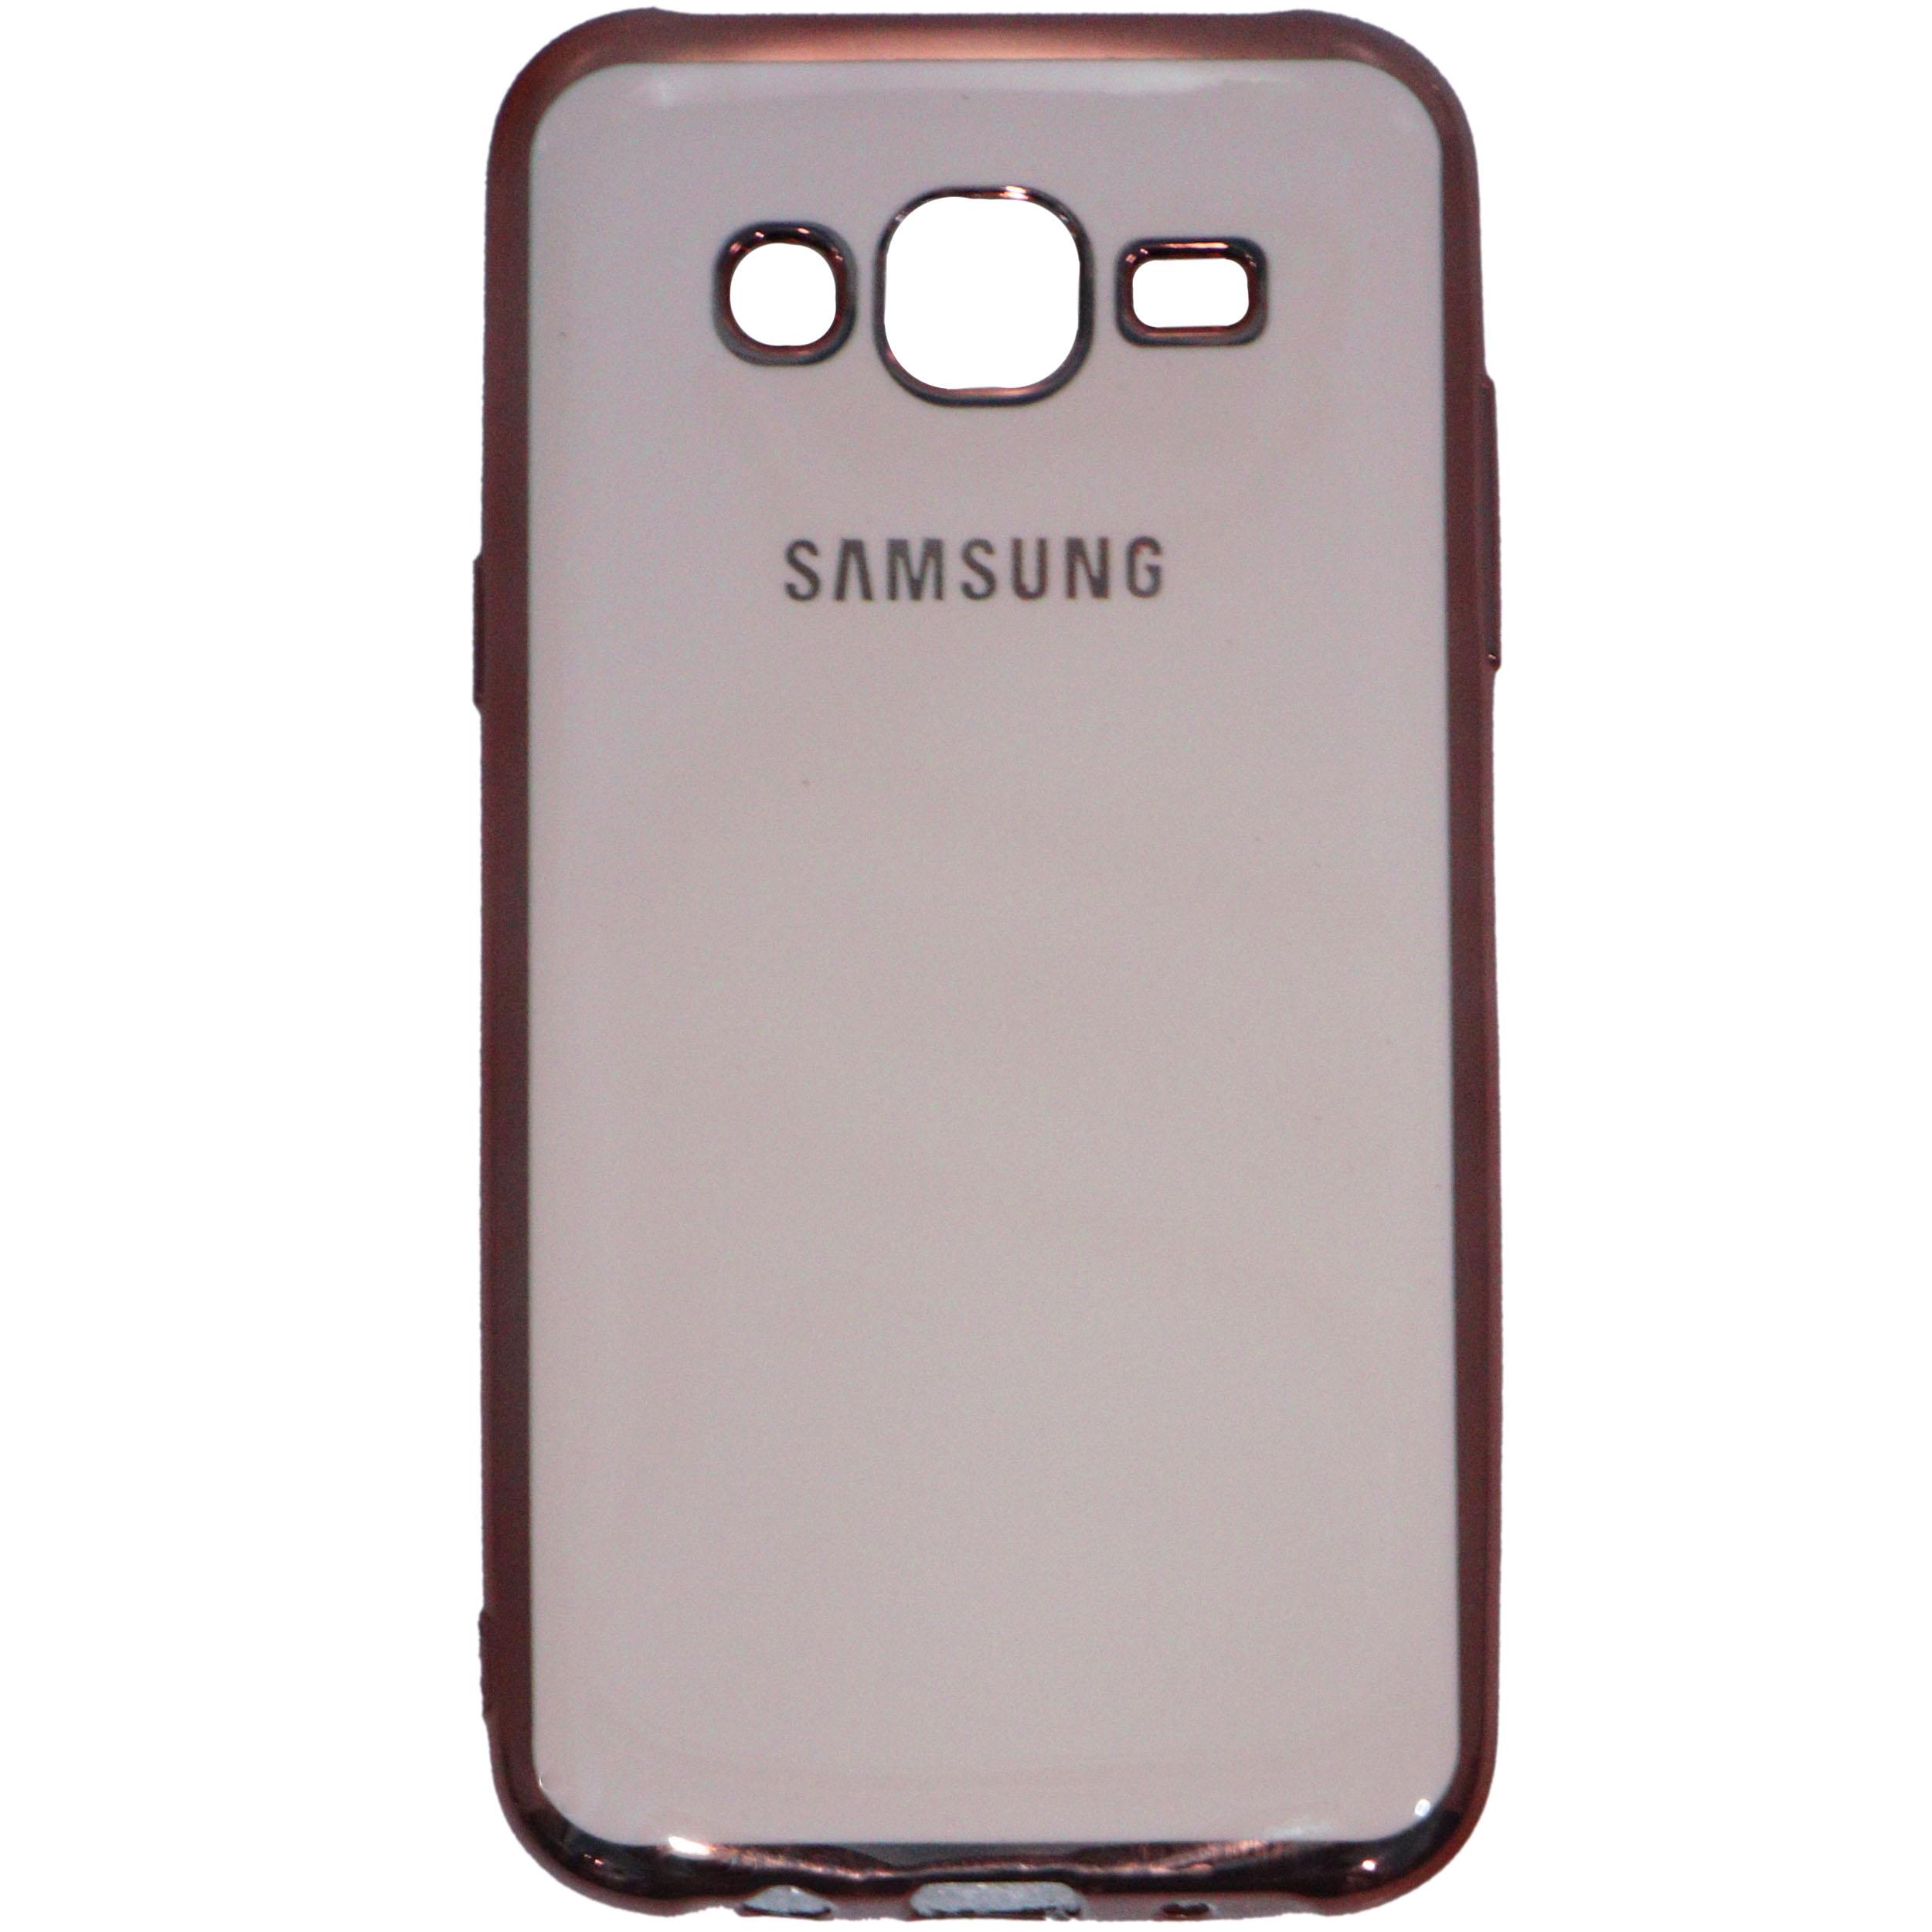 کاور مدل y9 مناسب برای گوشی موبایل سامسونگ Galaxy j7 2015